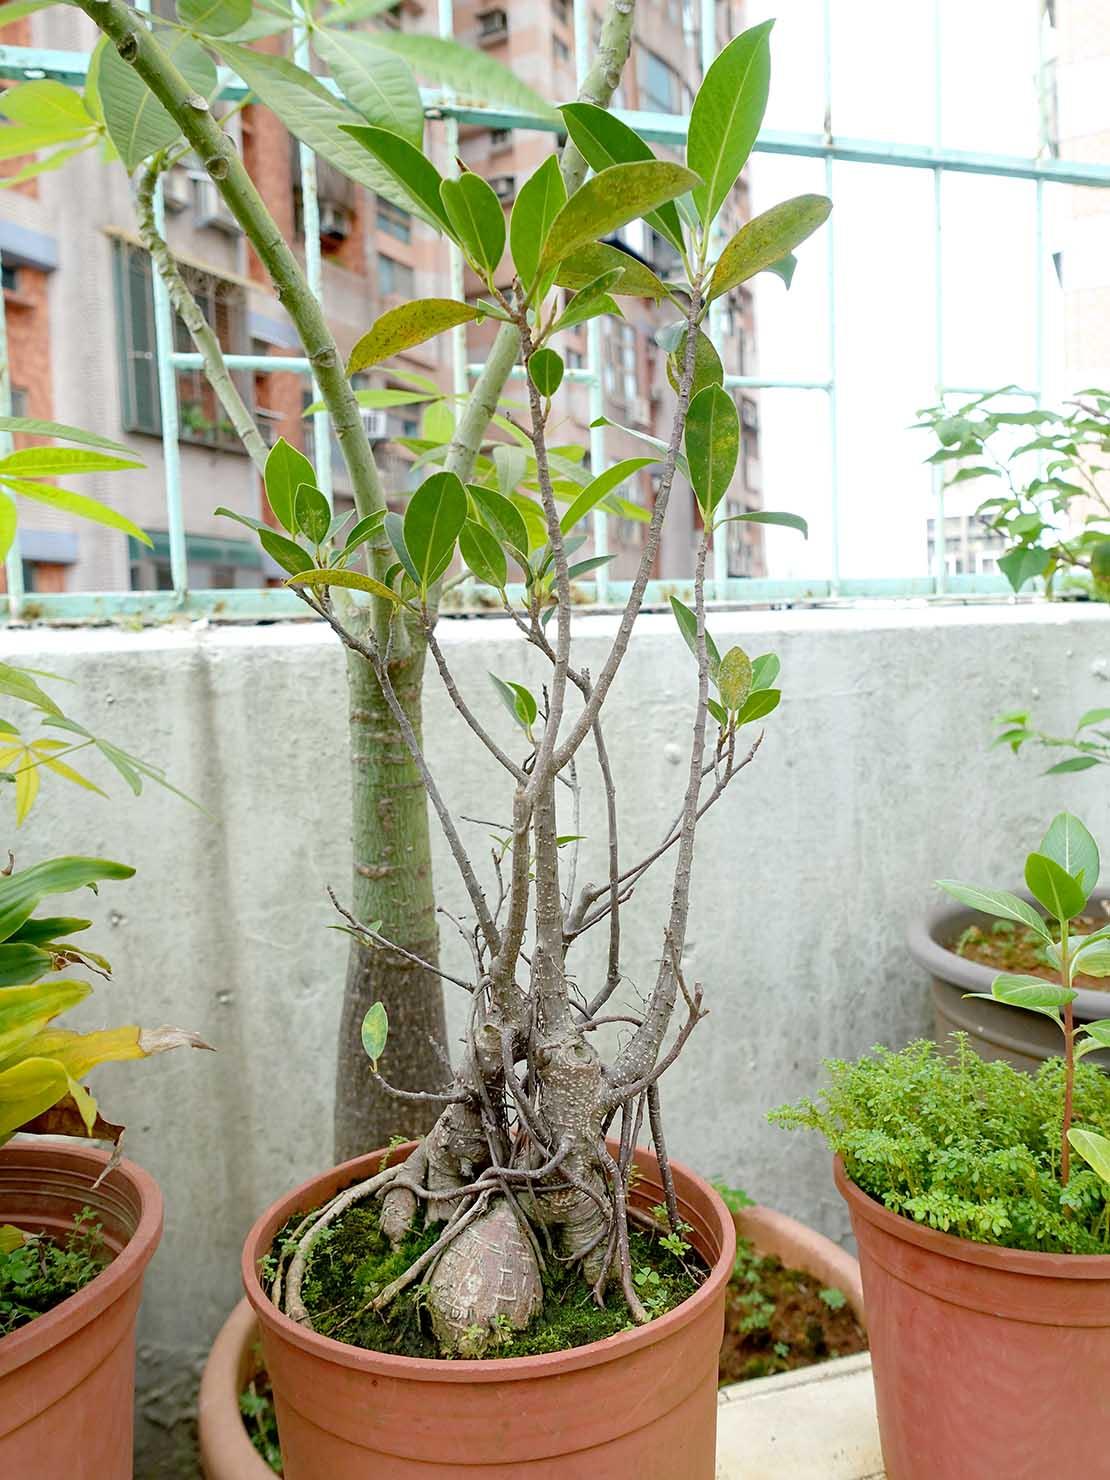 台湾でよく見かける植物「榕樹(ガジュマル)」の鉢植え